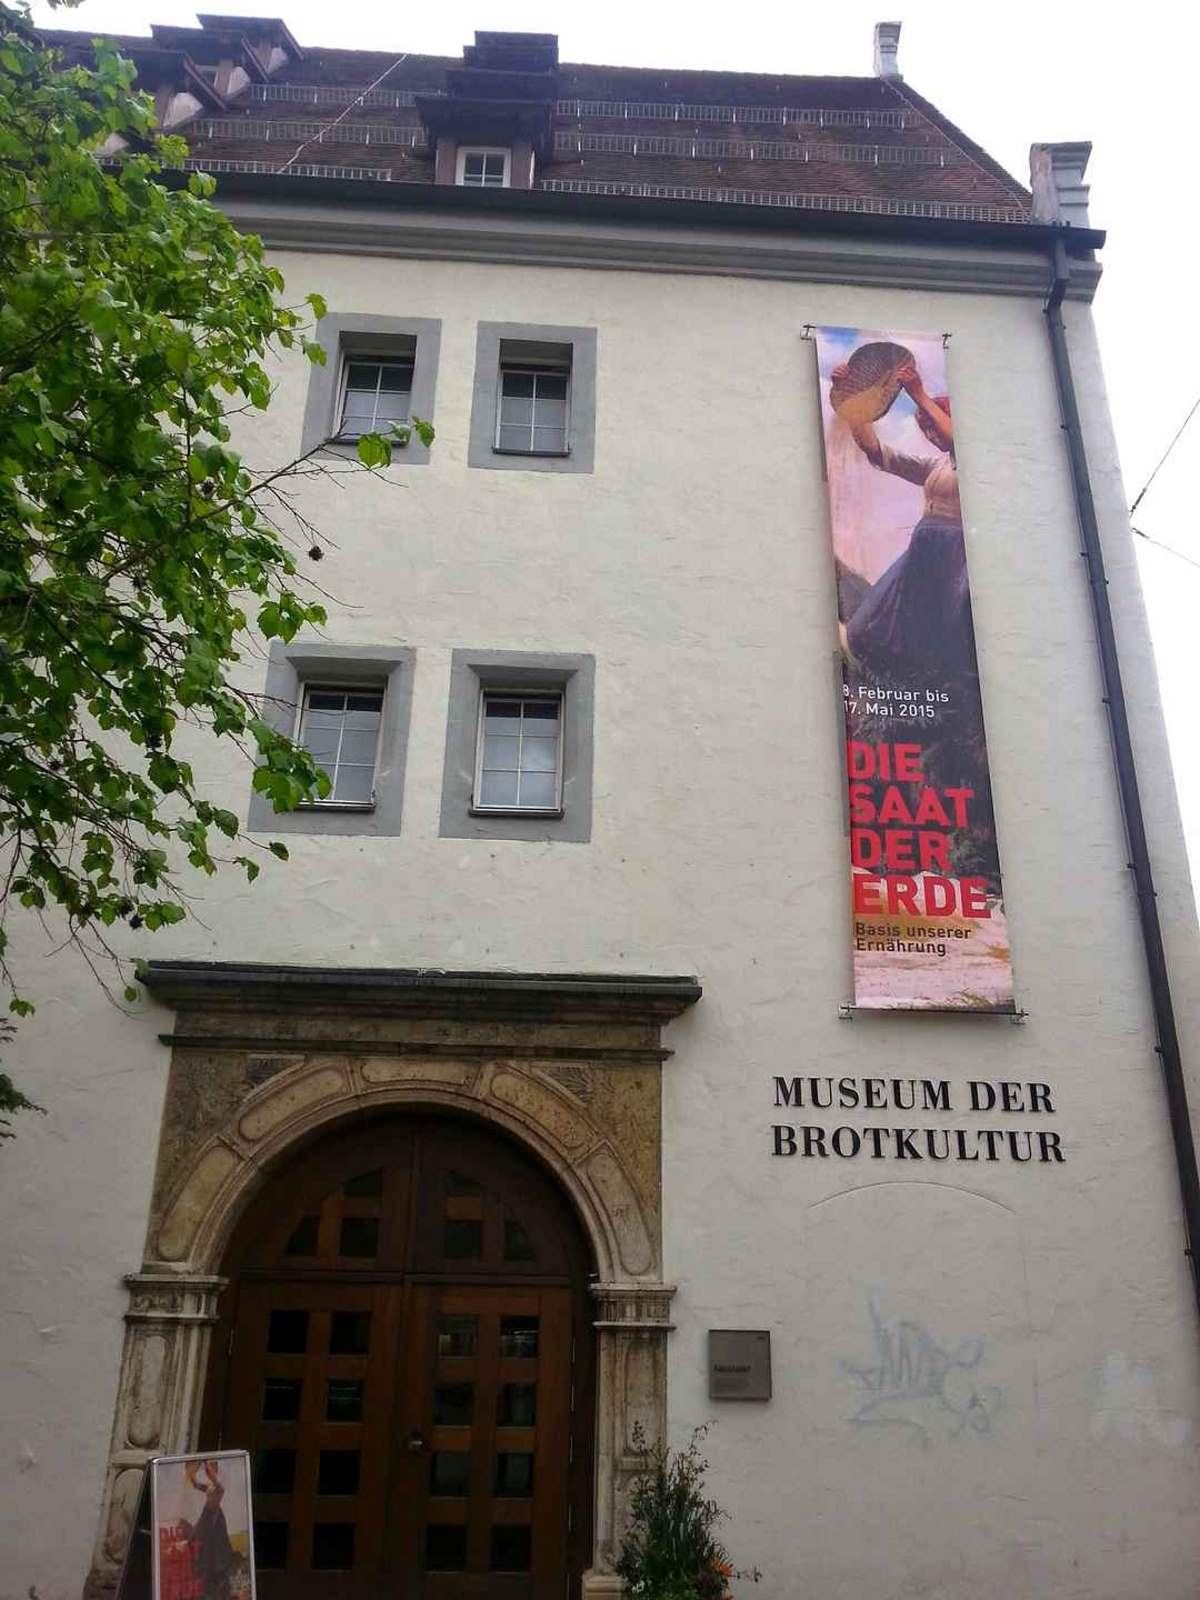 Μουσείο Der Brotkultur, Γερμανία , εξωτερική εικόνα